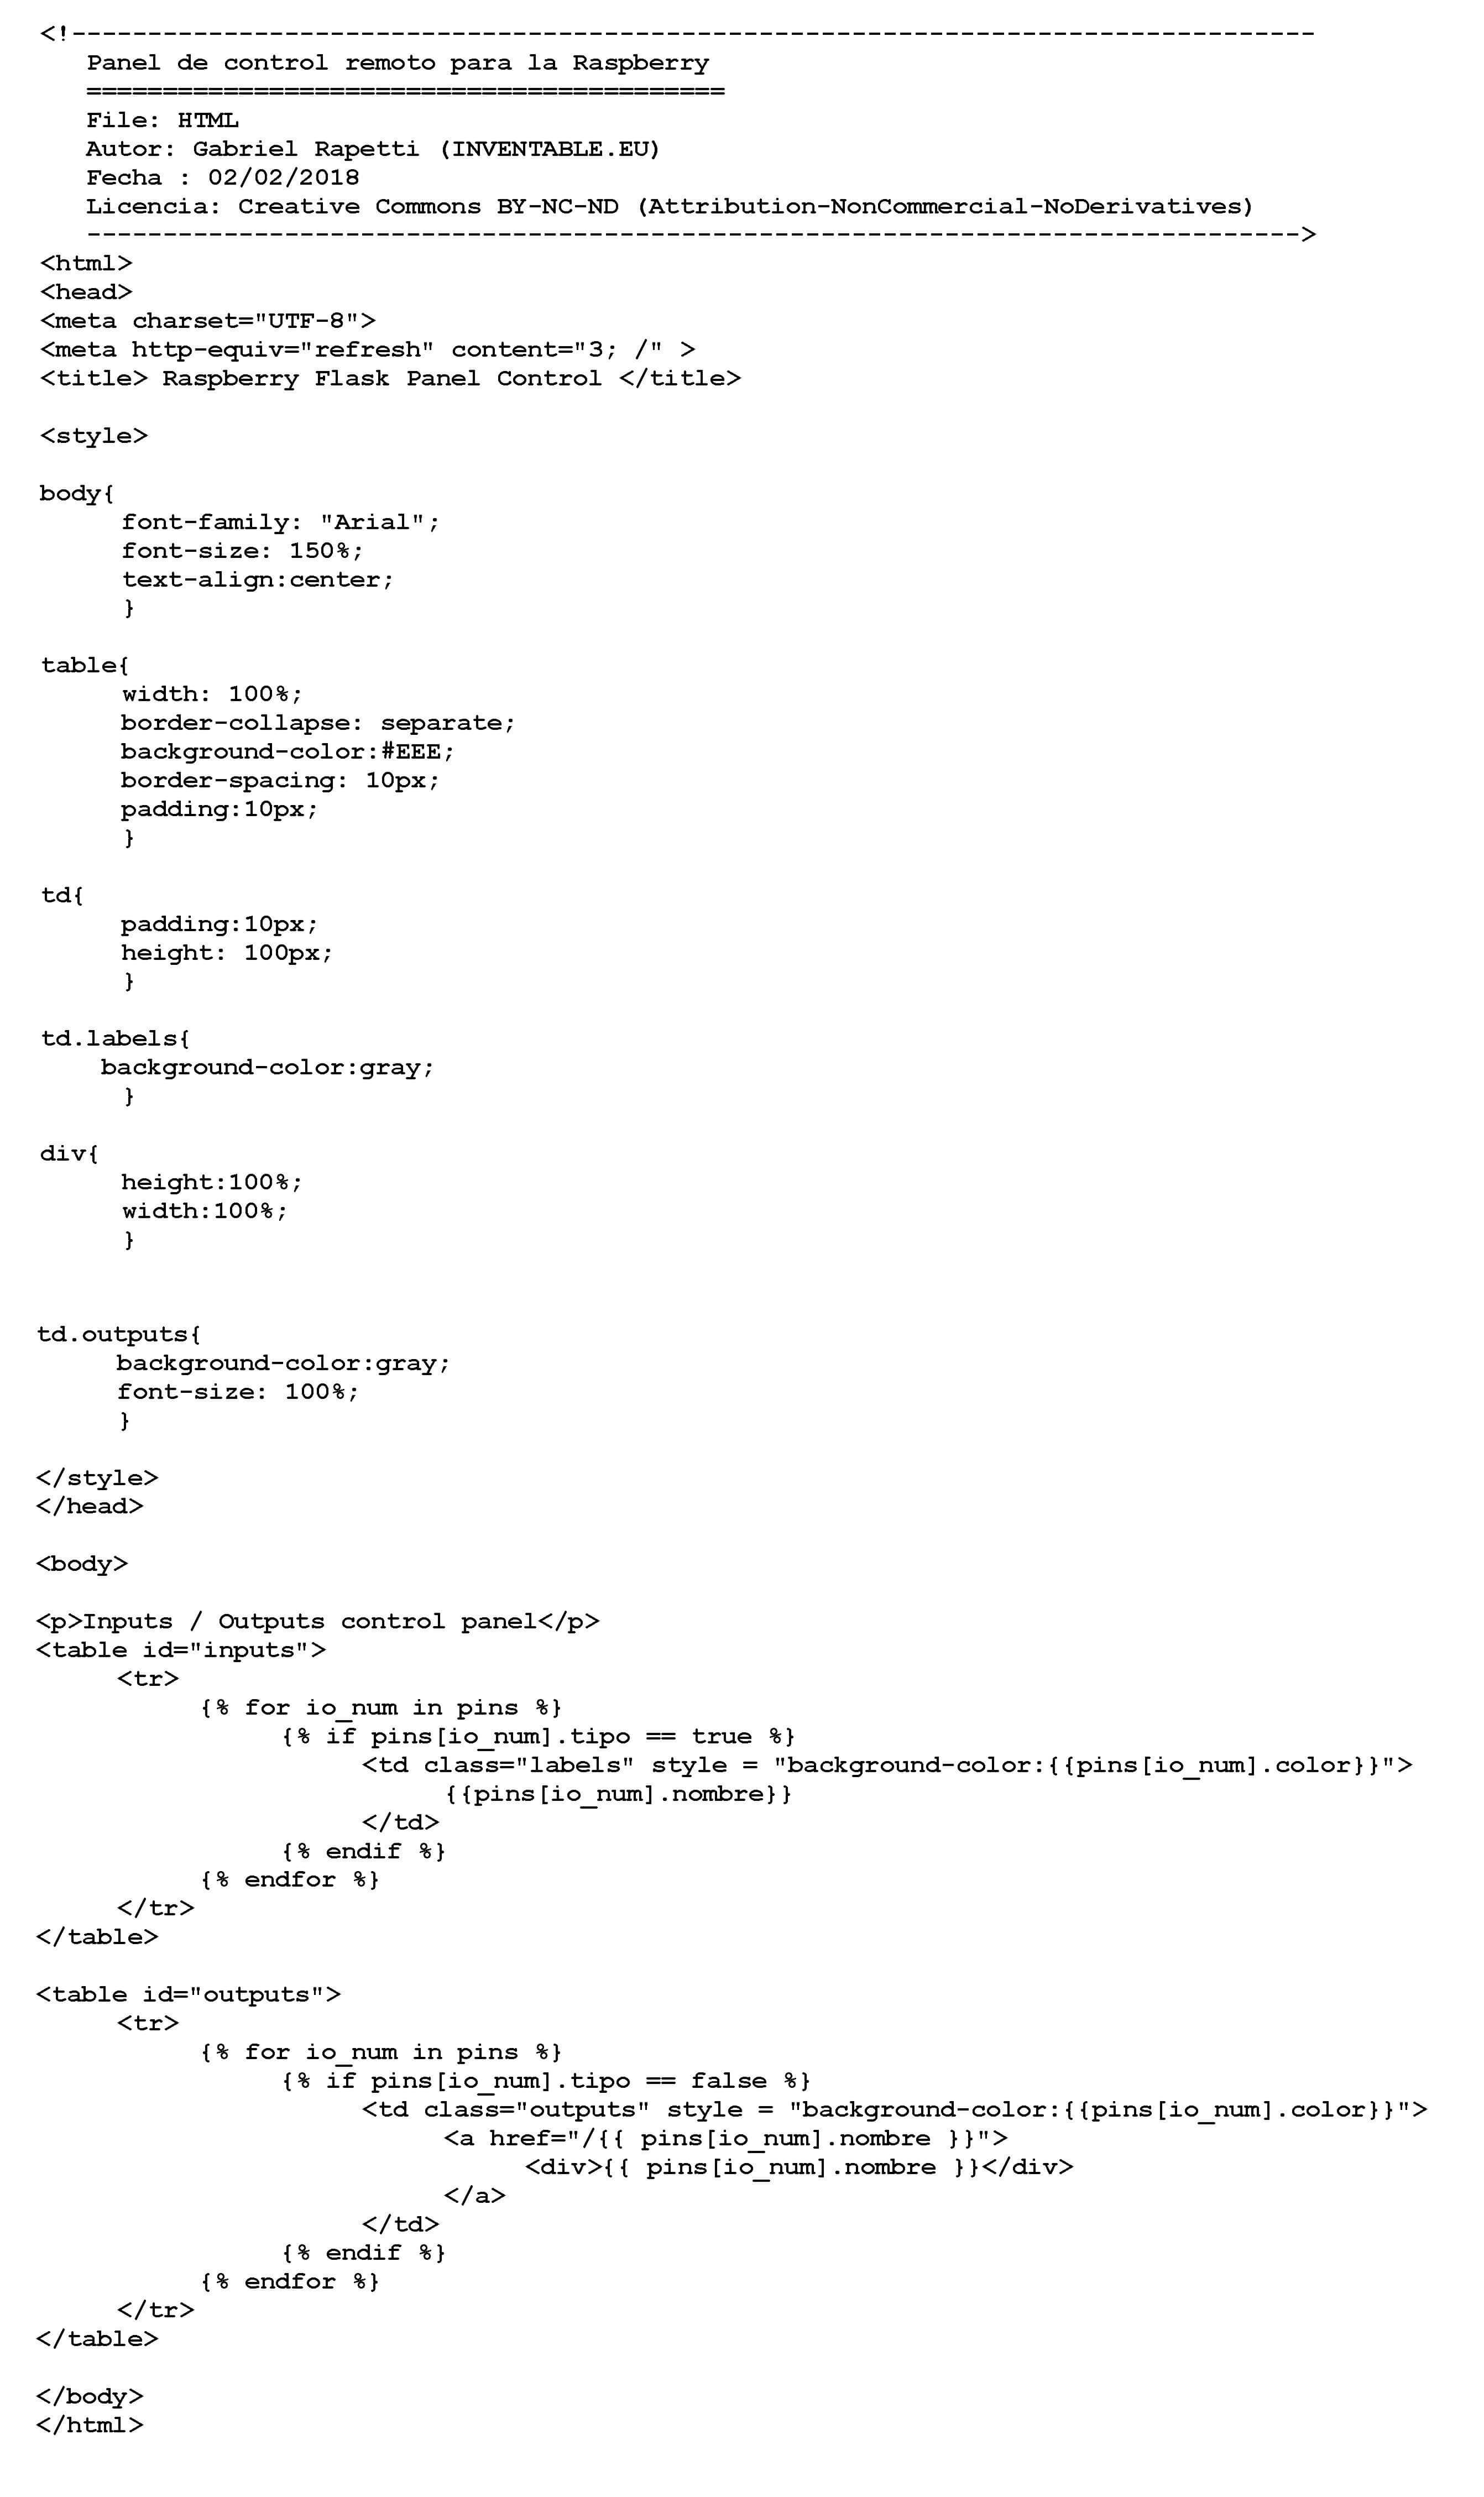 Código completo de la página html.